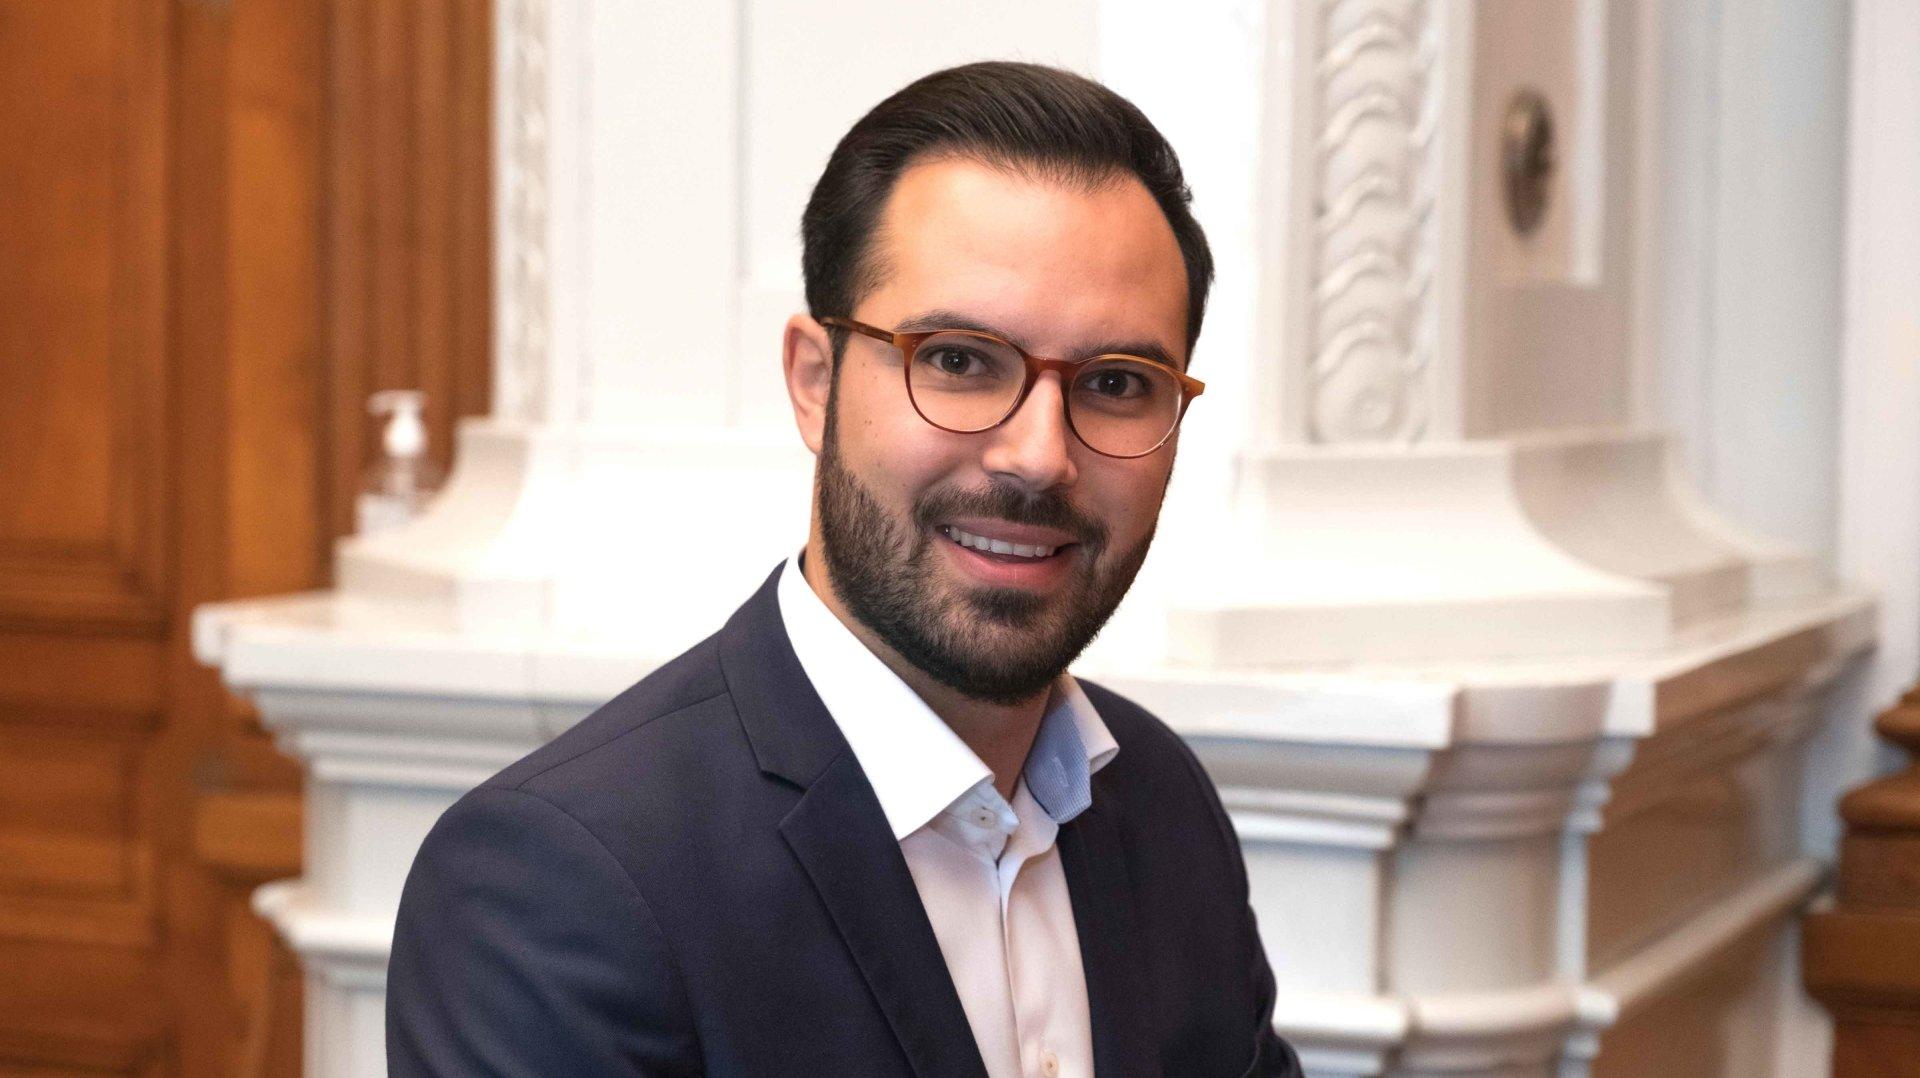 Nouveau chef pour le Service juridique de la Ville de Neuchâtel